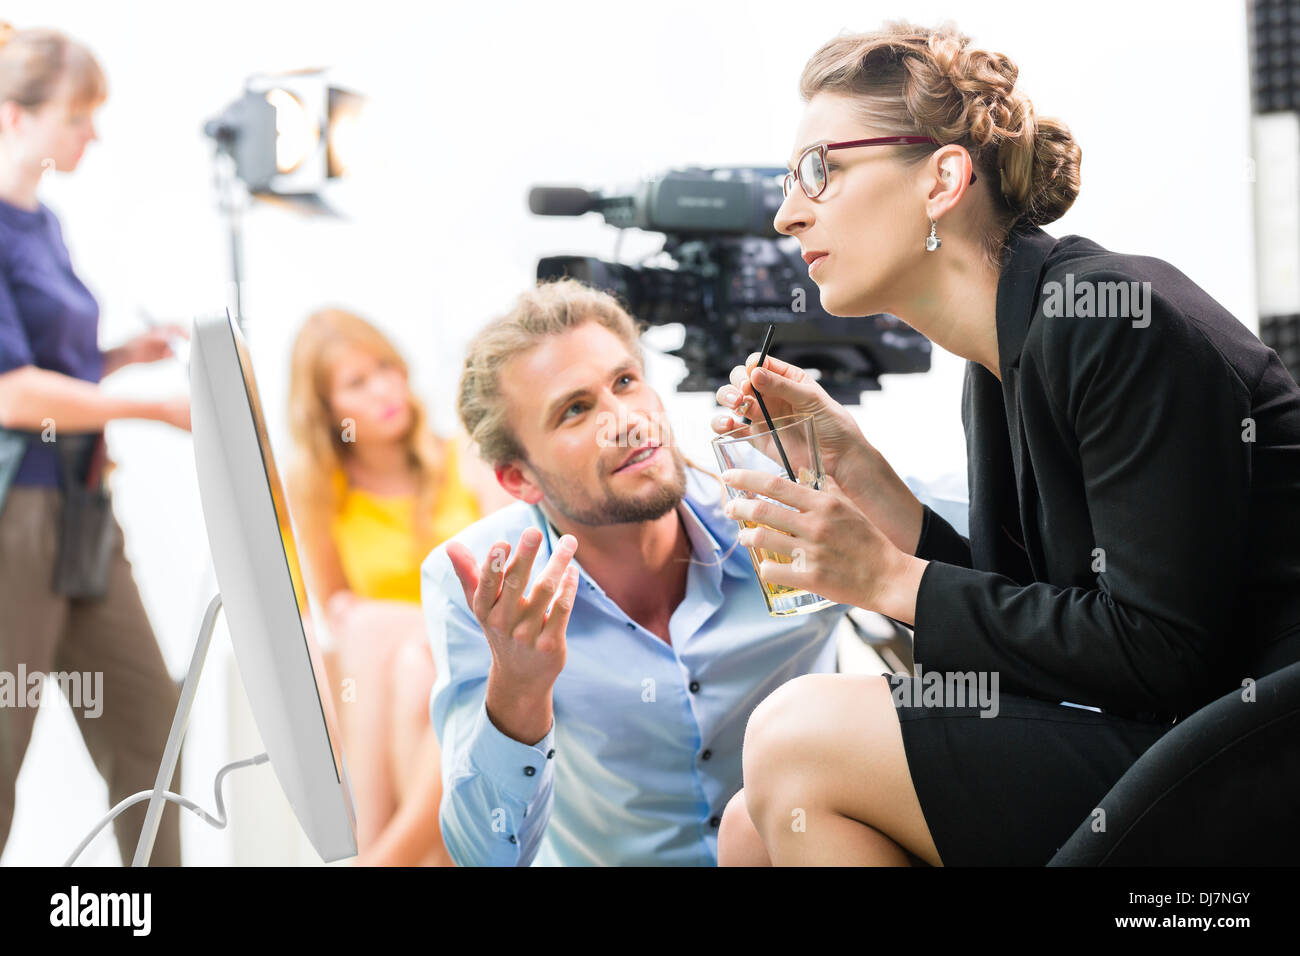 Equipo o Director discutiendo durante un descanso de la dirección de escena en el set de una producción de vídeo comercial o reportaje en una pantalla Imagen De Stock